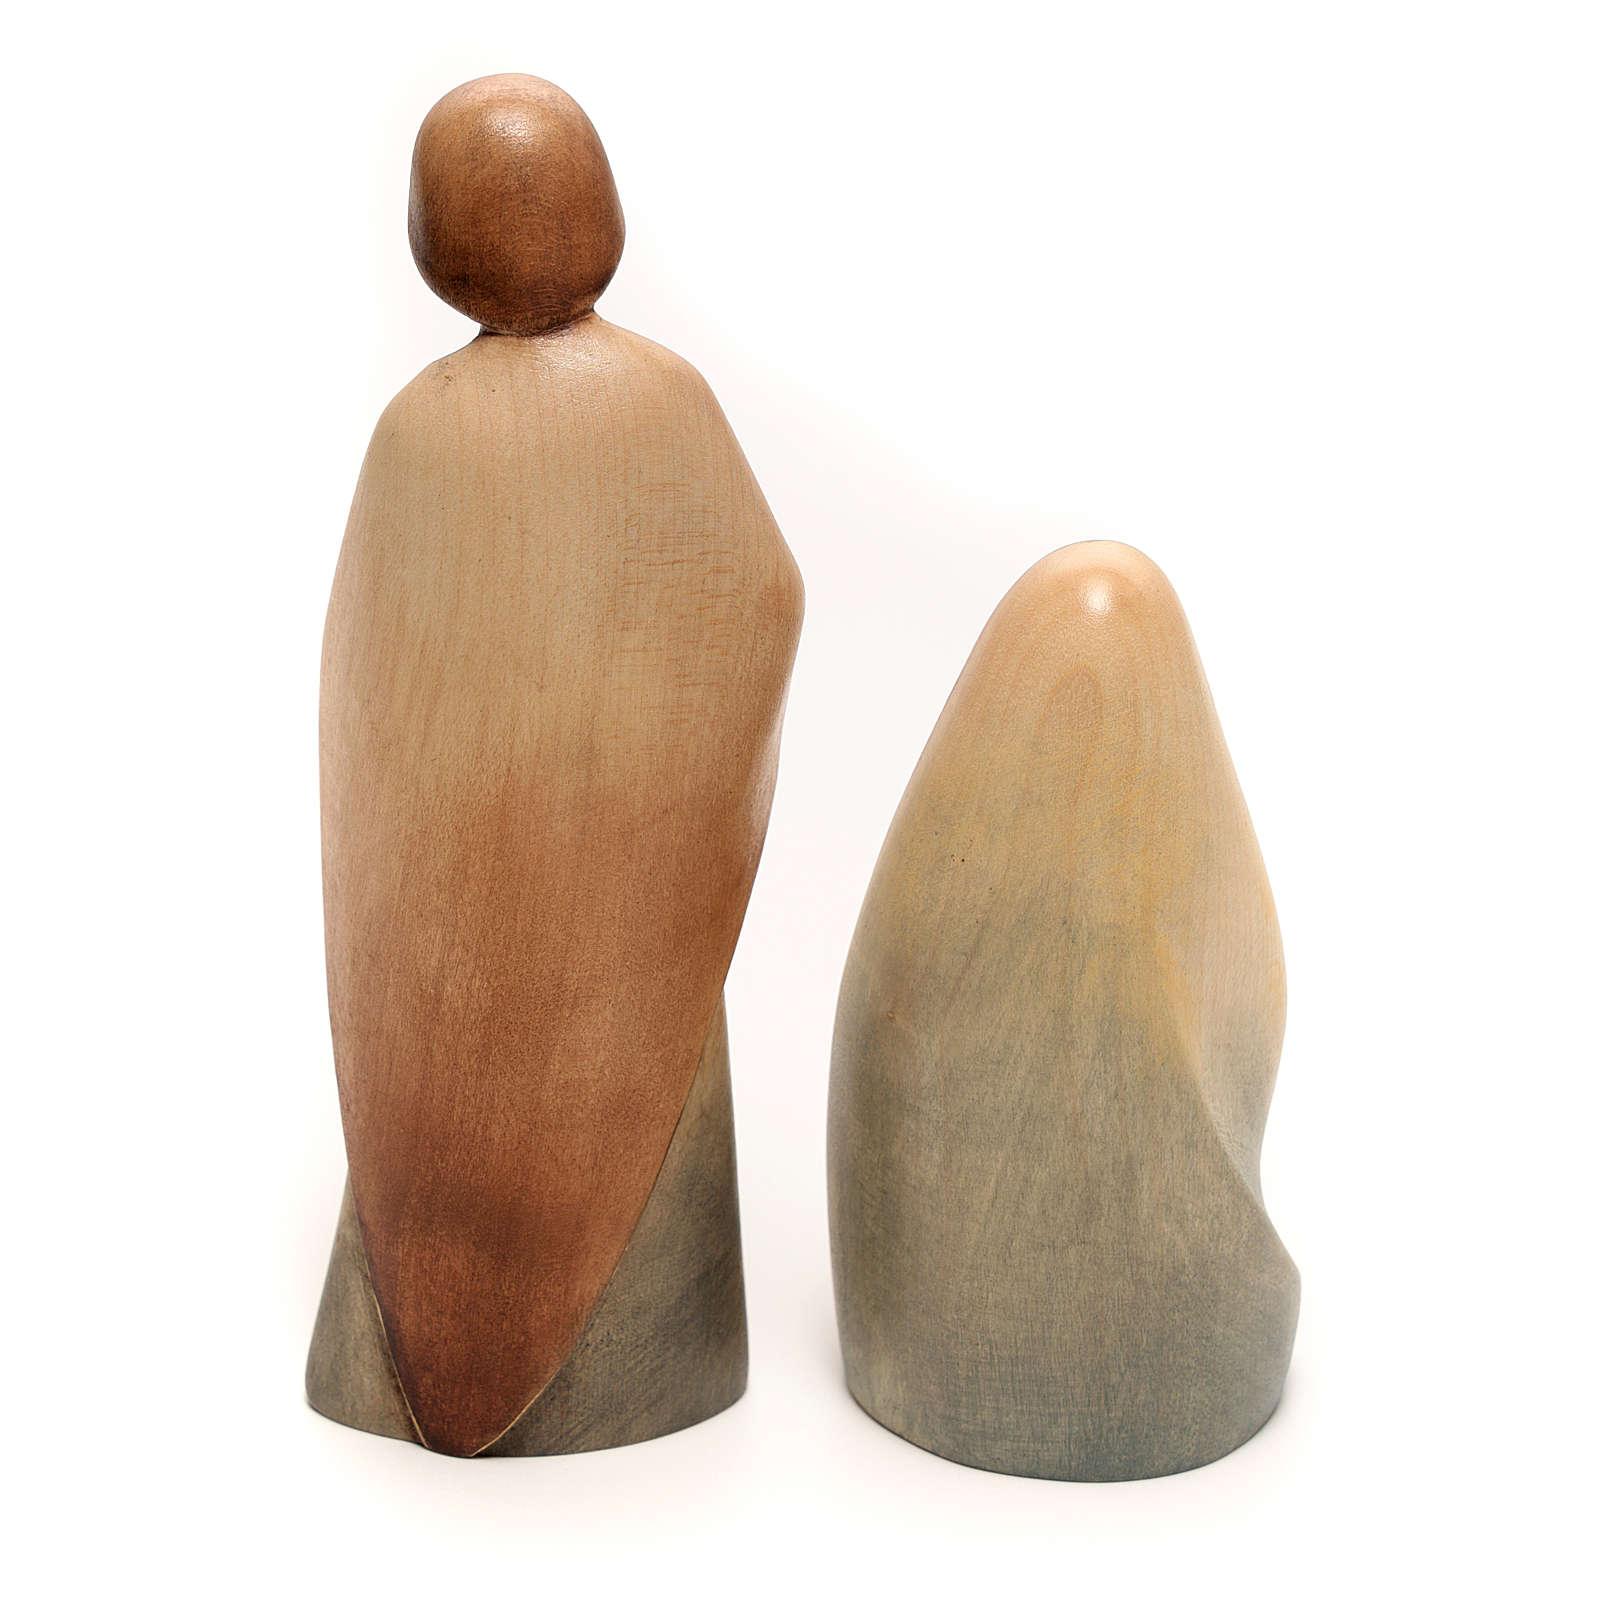 Natividad La alegría dos piezas madera arce acuarela Val Gardena 3